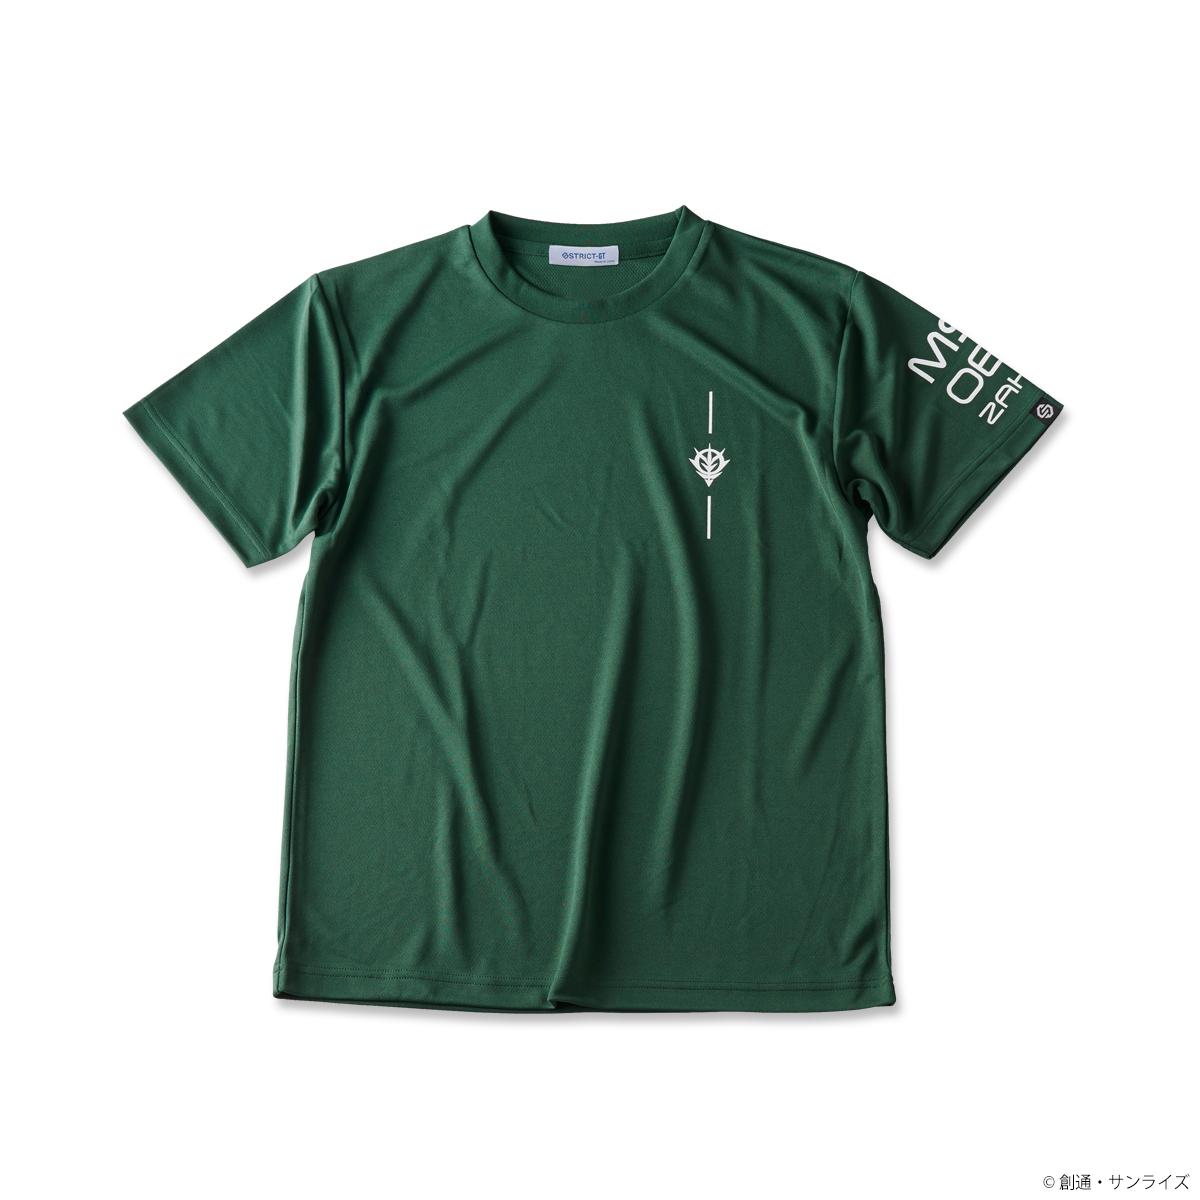 『機動戦士ガンダム』&『機動戦士ガンダムUC』ドライTシャツ順次発売!